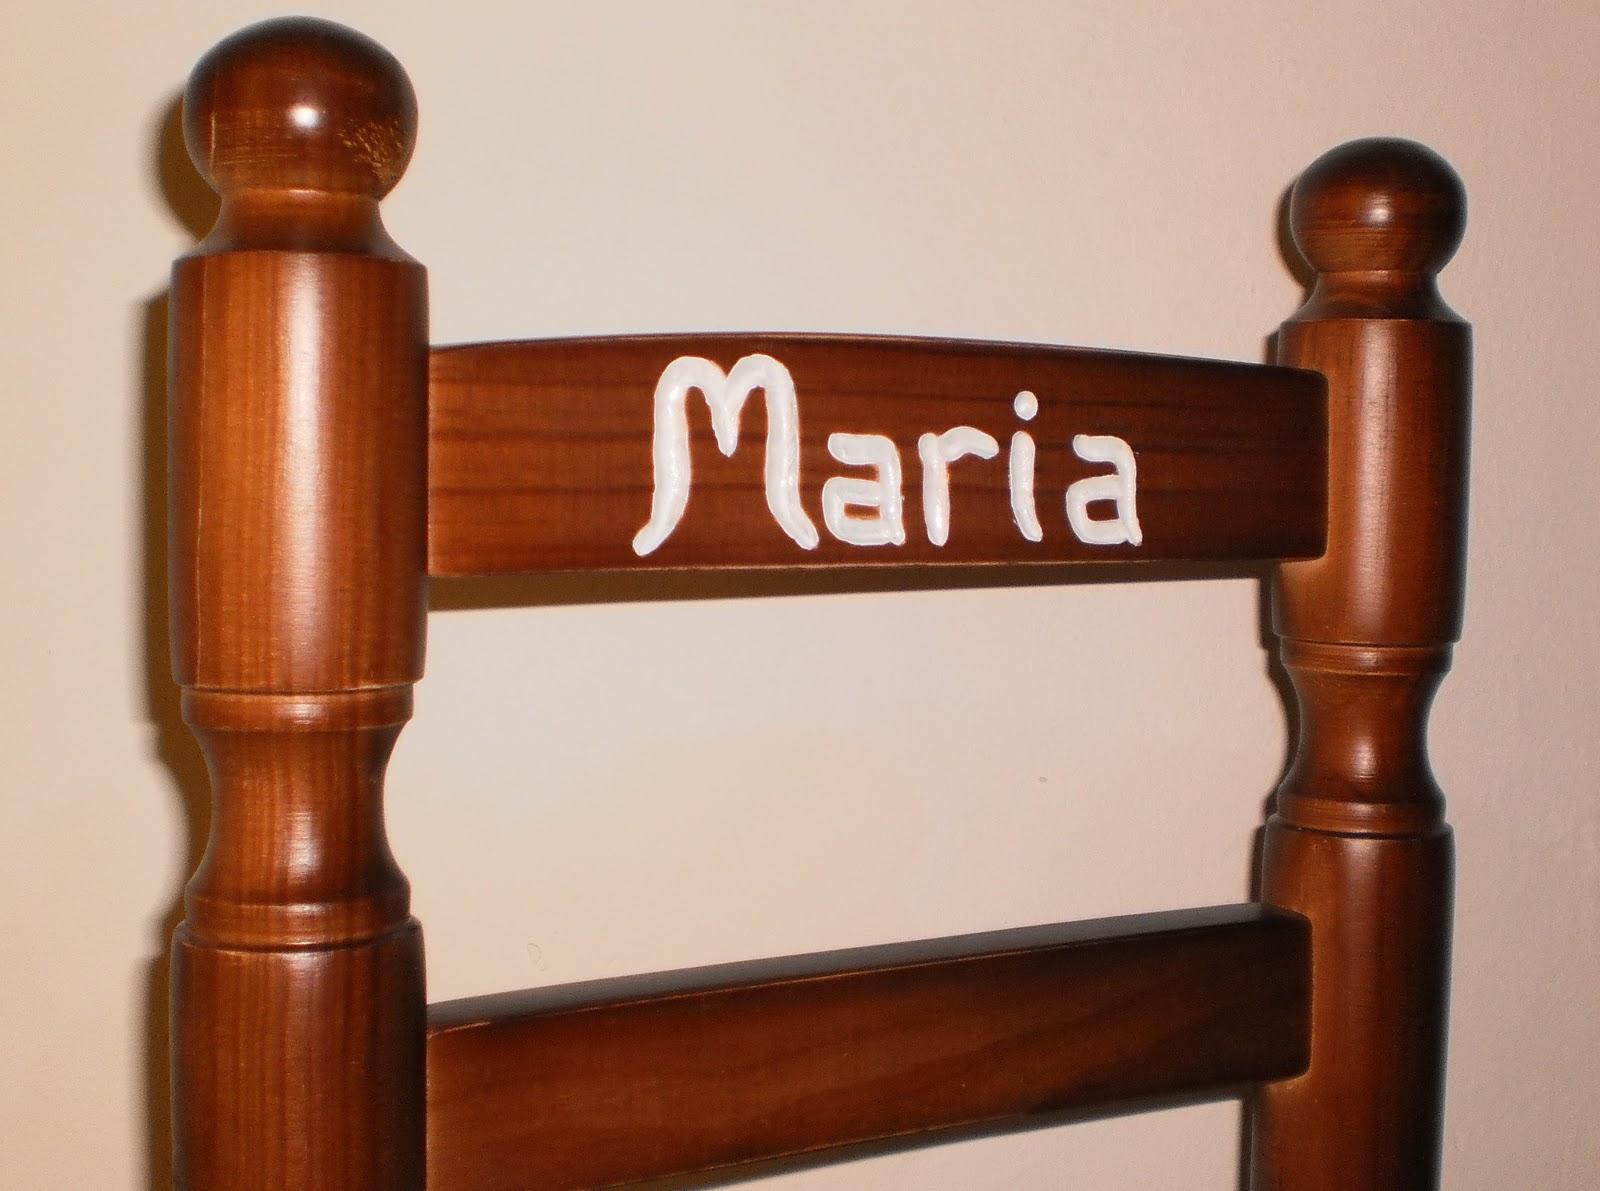 Fabrica de sillas de madera pauli sillas y mesas de madera para hosteleria y hogar sillas - Fabricas de madera ...